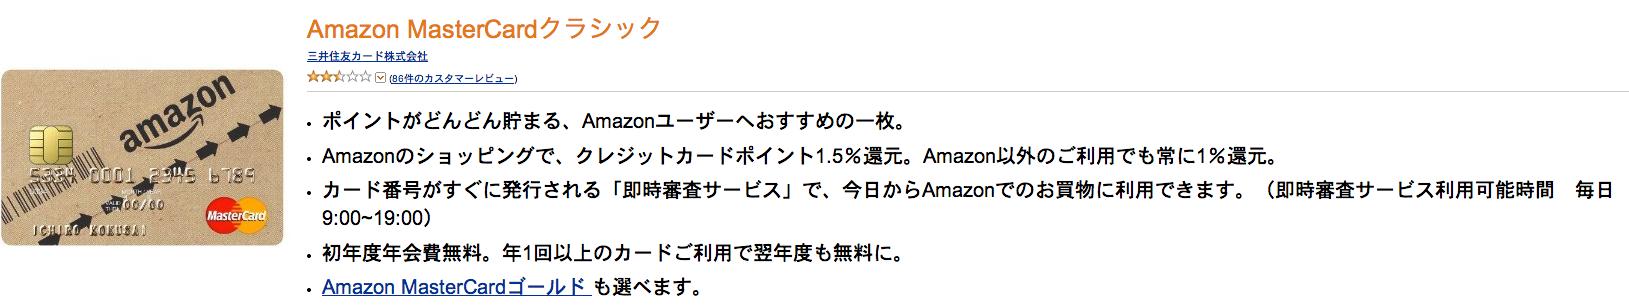 スクリーンショット 2014-06-30 19.55.34